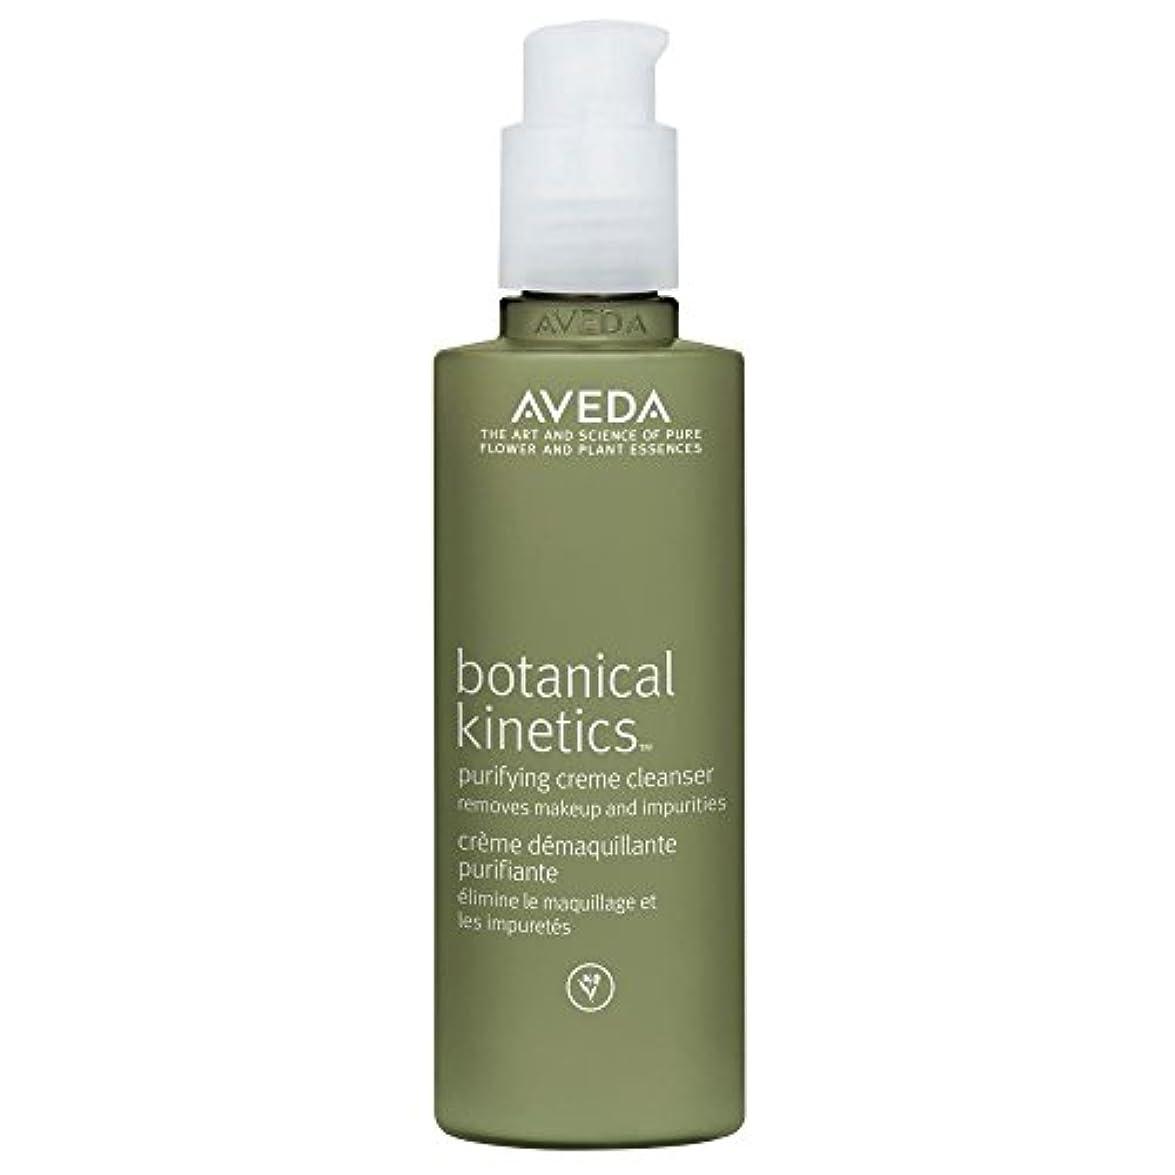 拡散するゴシップ立ち寄る[AVEDA] アヴェダボタニカルキネティクス浄化クリームクレンザー、500ミリリットル - Aveda Botanical Kinetics Purifying Creme Cleanser, 500ml [並行輸入品]